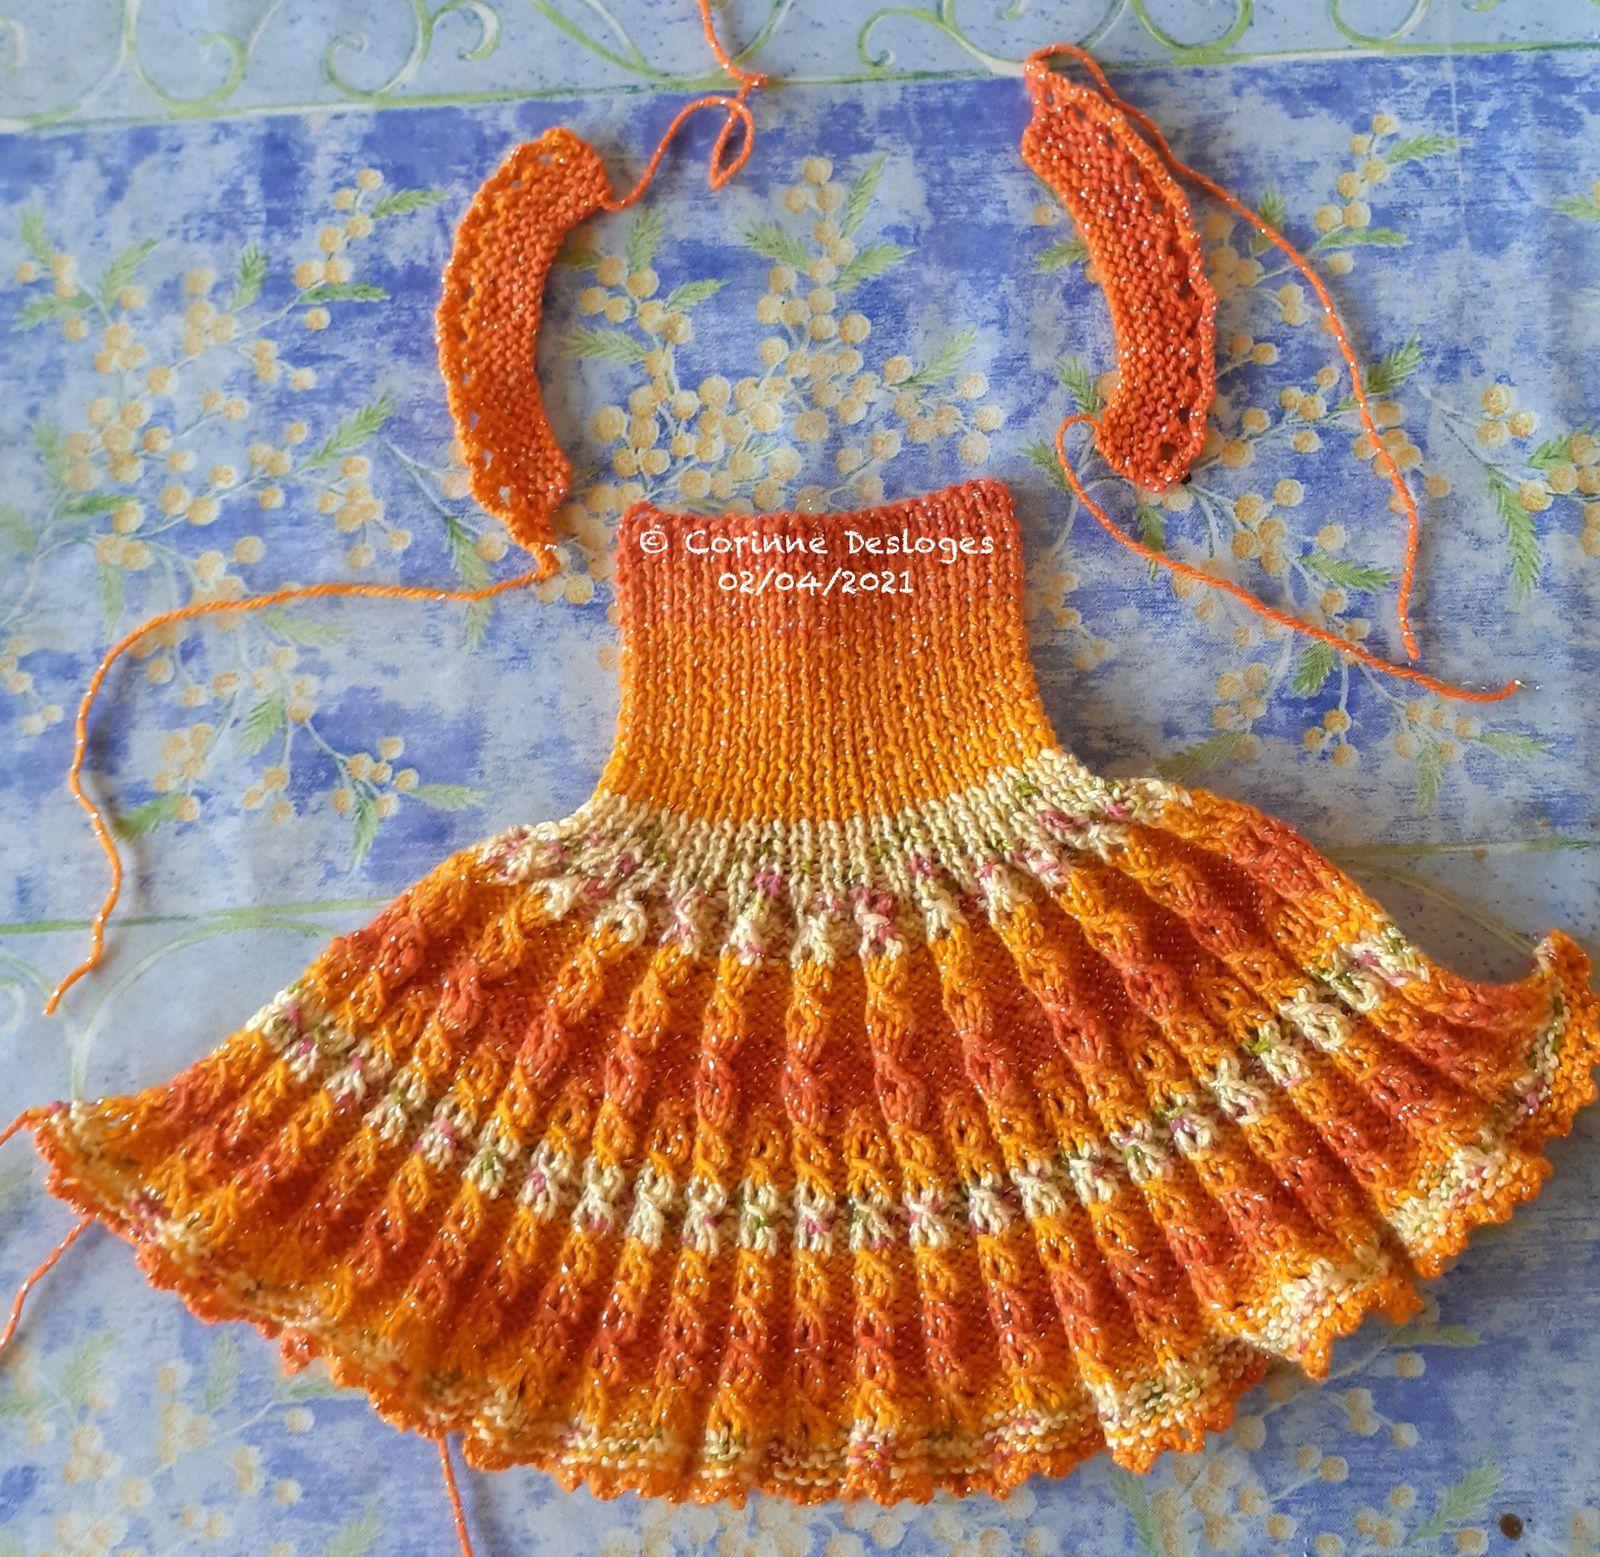 TRICOT pour poupée Nancy : j'ai refait la robe Pastels Gypsy